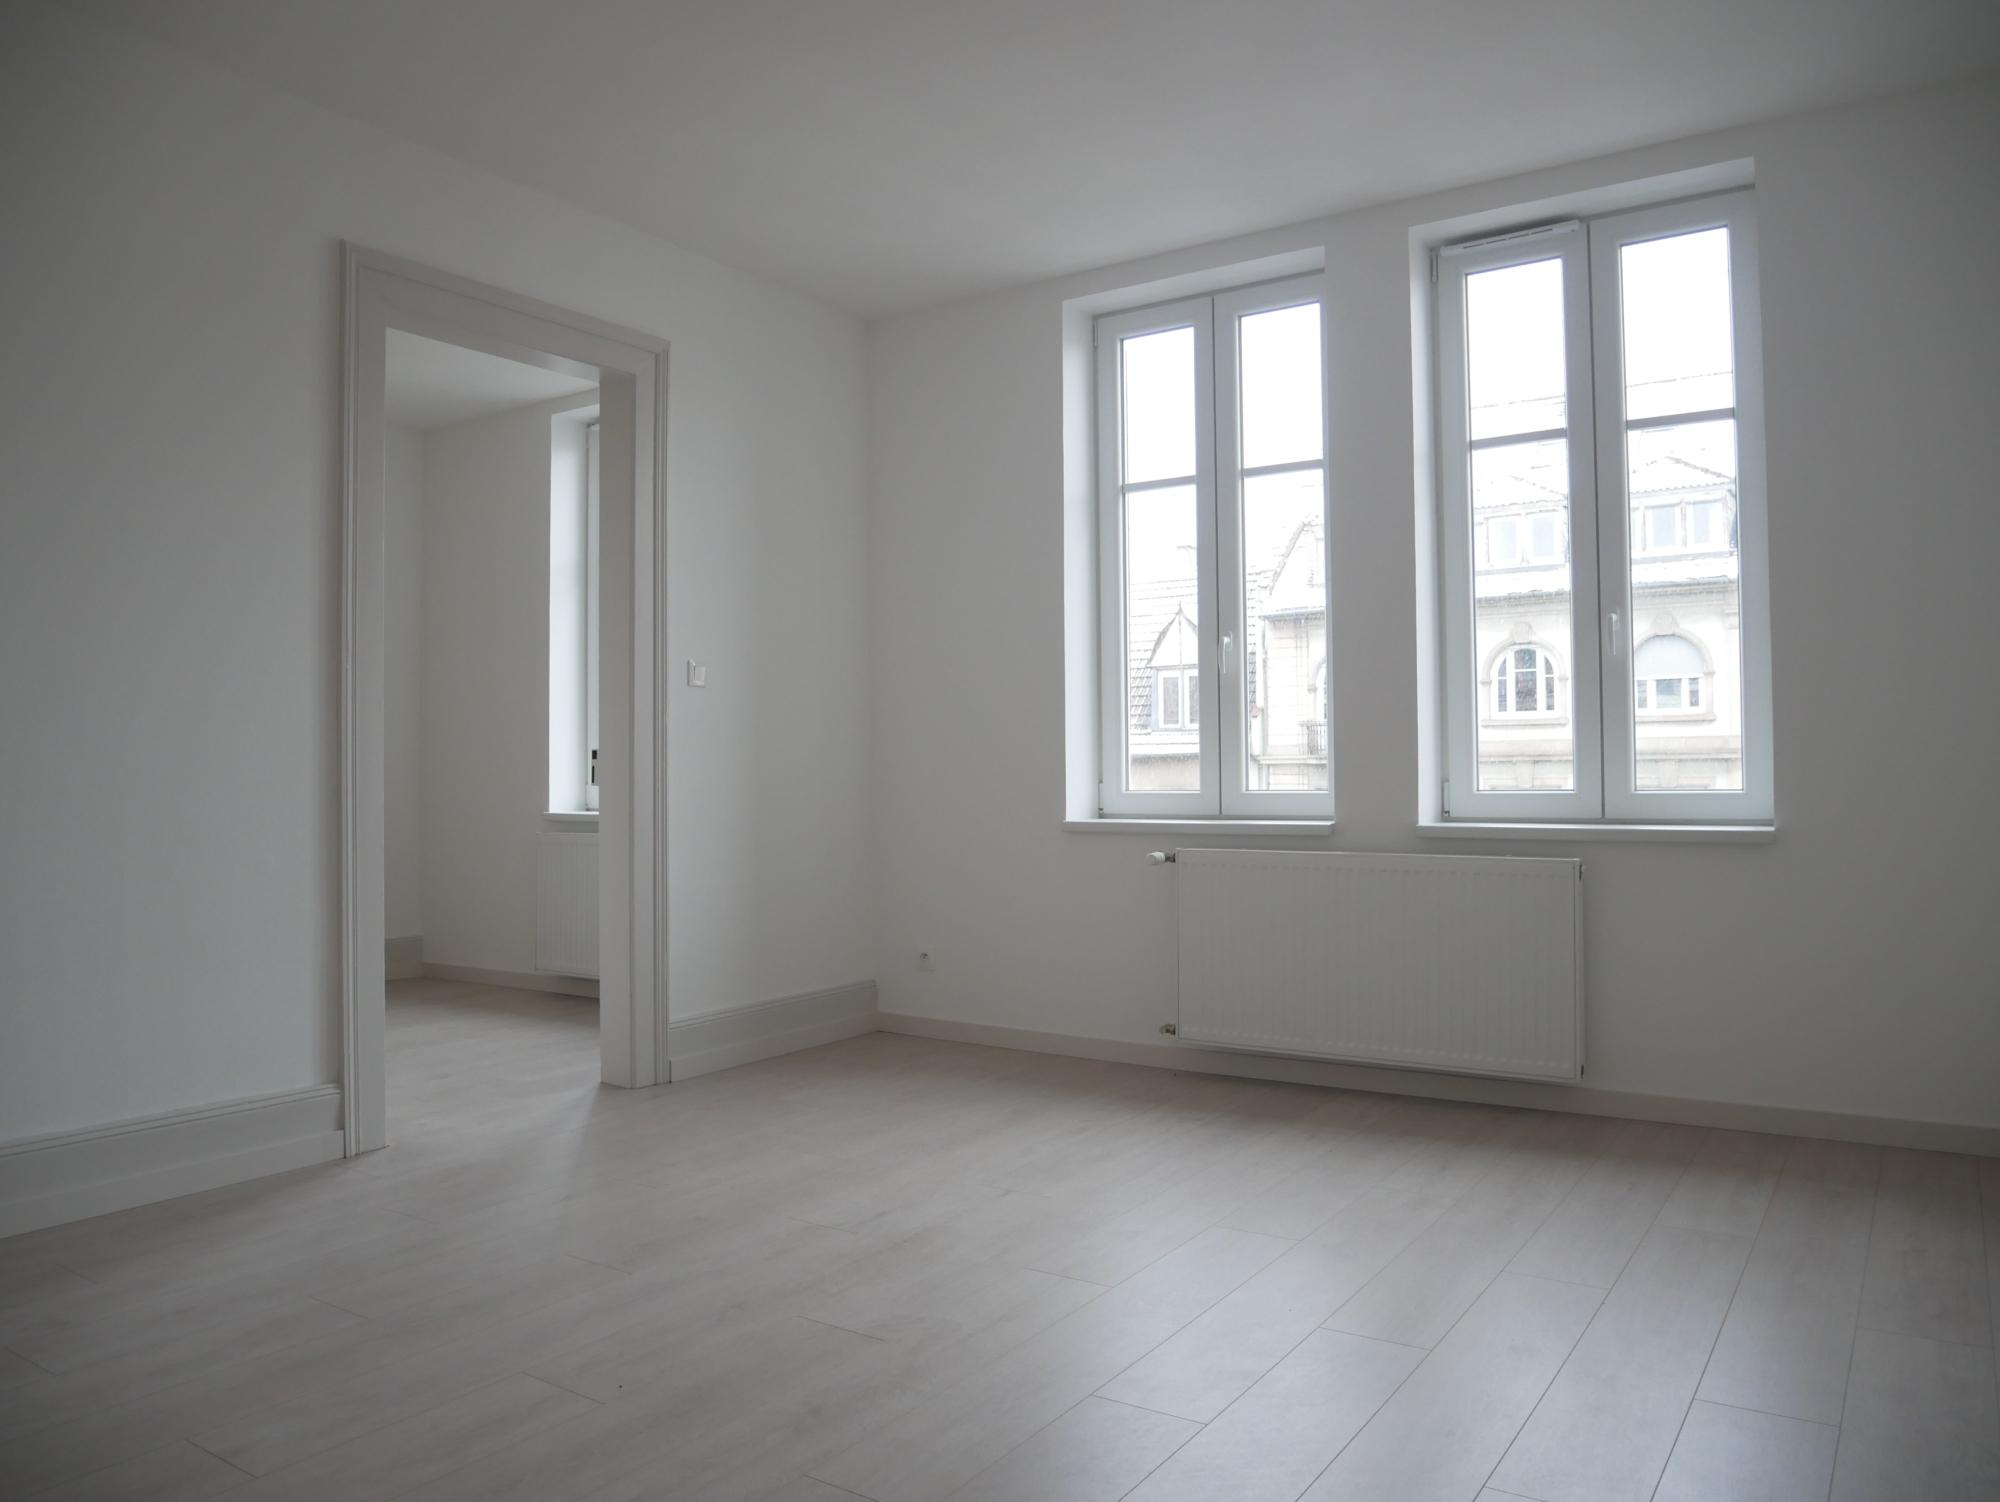 [Chill] Beau 4 pièces rénové - Gare / Bvd de Lyon - nos locations - Beausite Immobilier 1